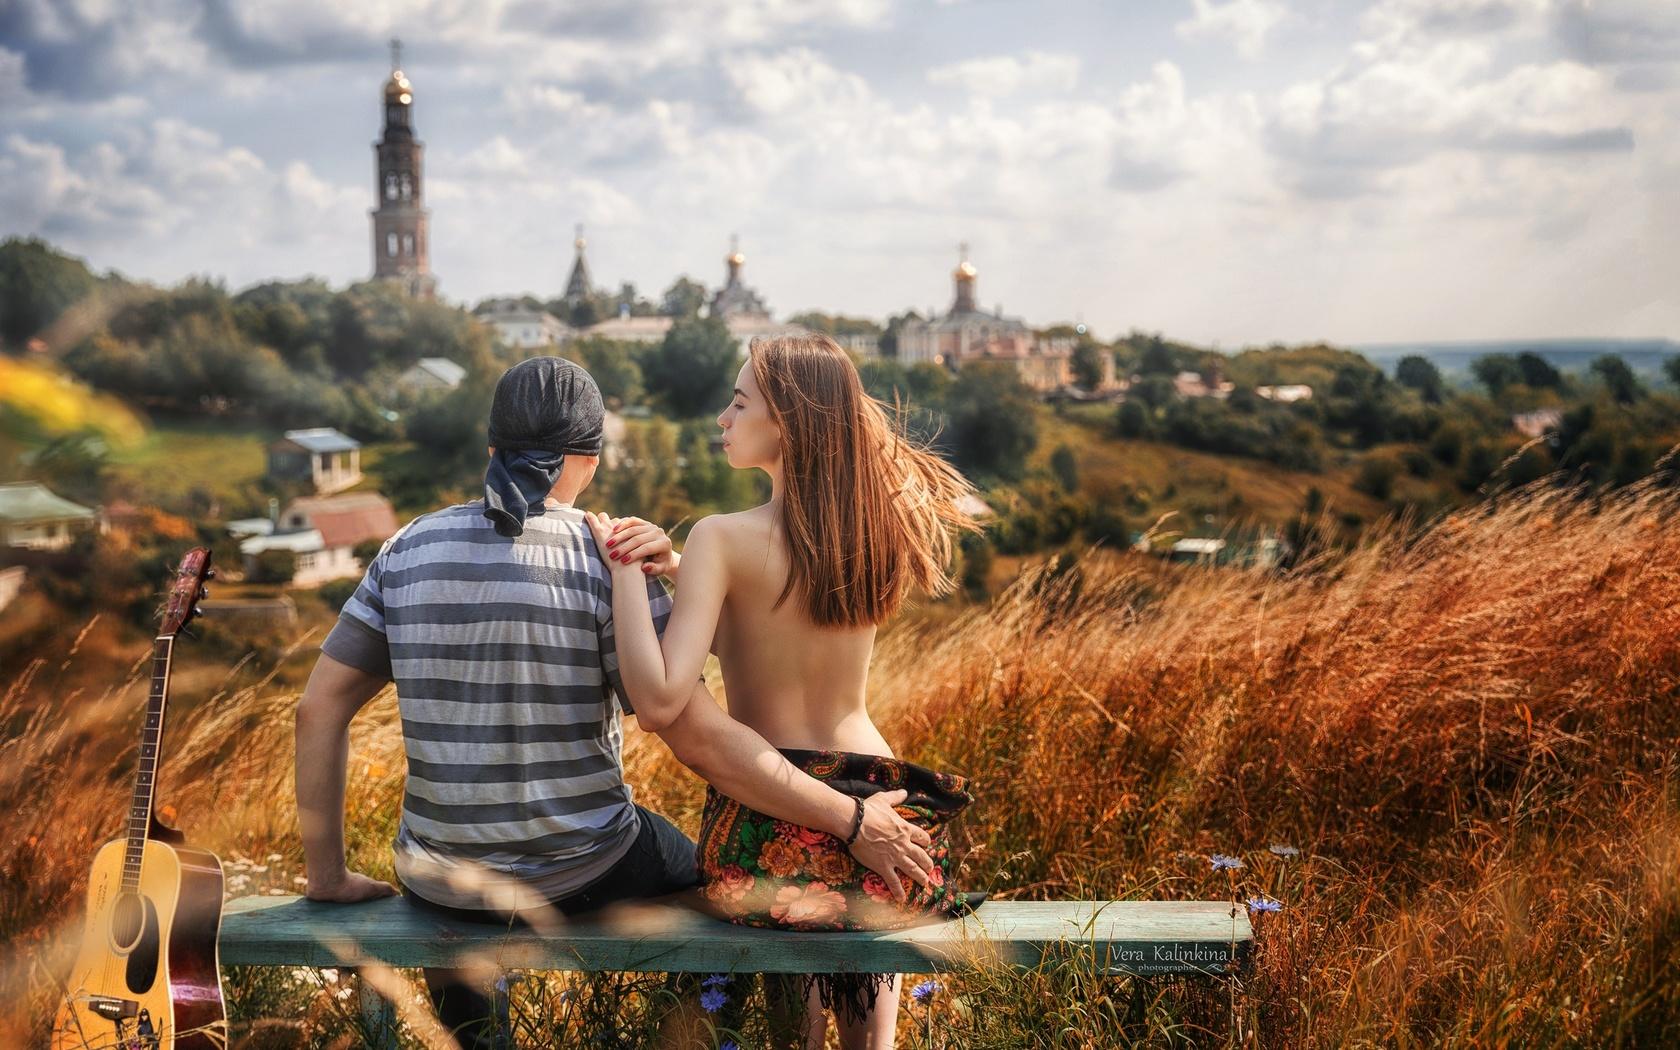 девушка, парень, на лавочке, Яна арбенина, вера калинкина